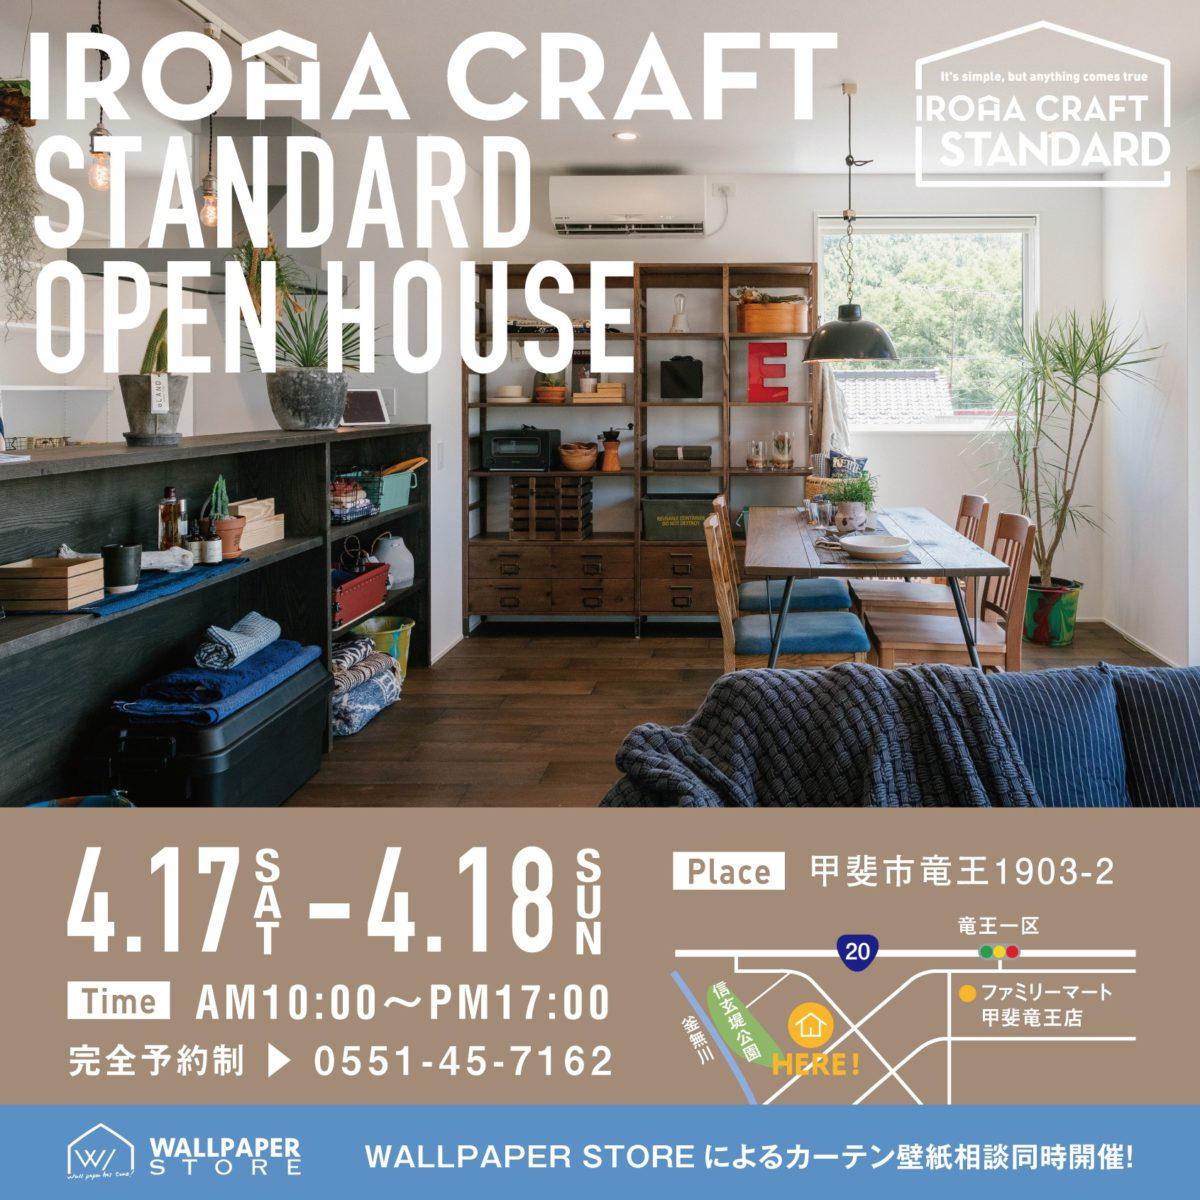 IROHA CRAFT Standard オープンハウスのお知らせ